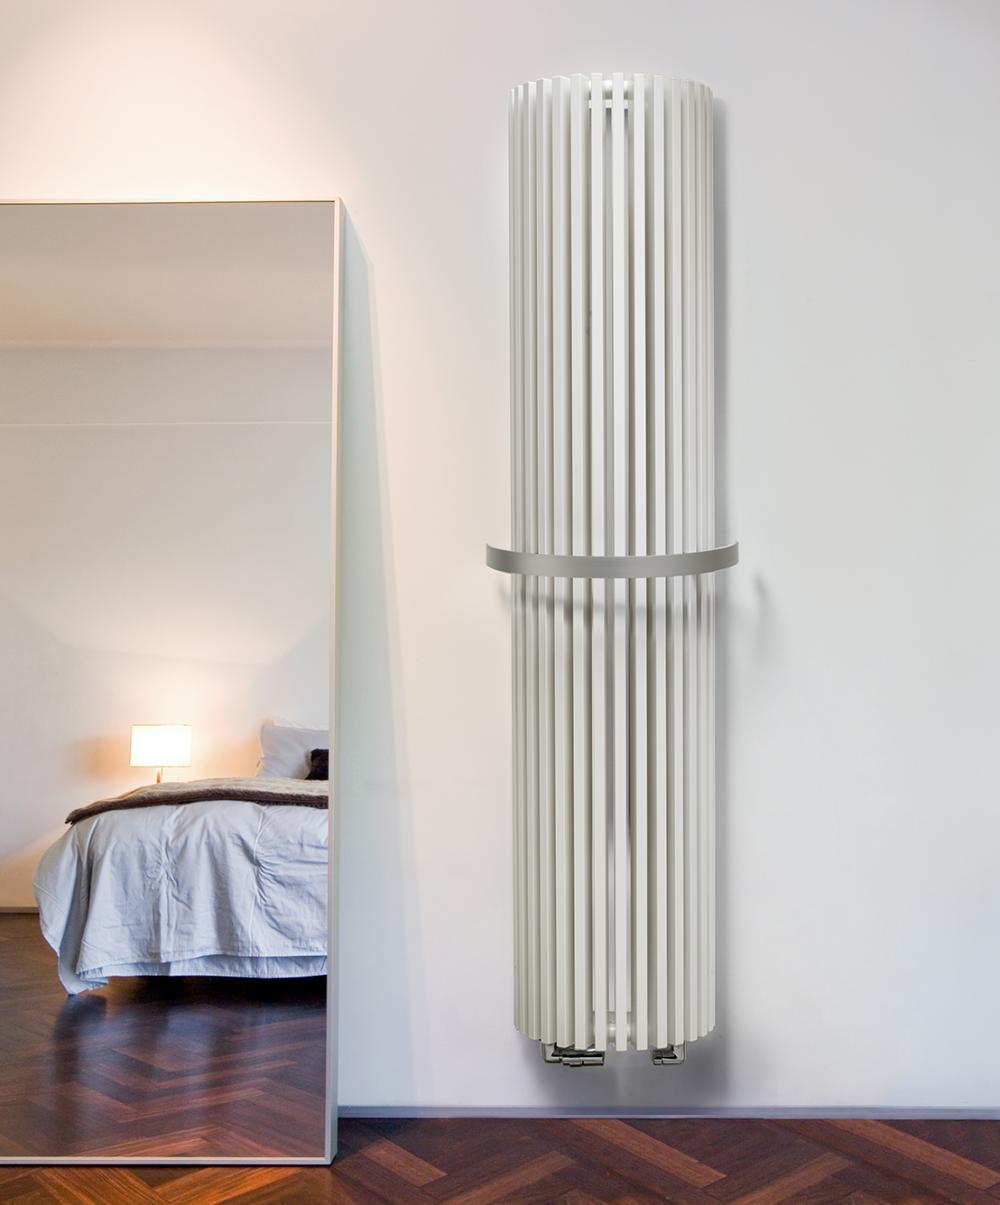 Calorifere decorative semirotunde Vasco Zana ZV-O 2200x473 mm, 2473 W